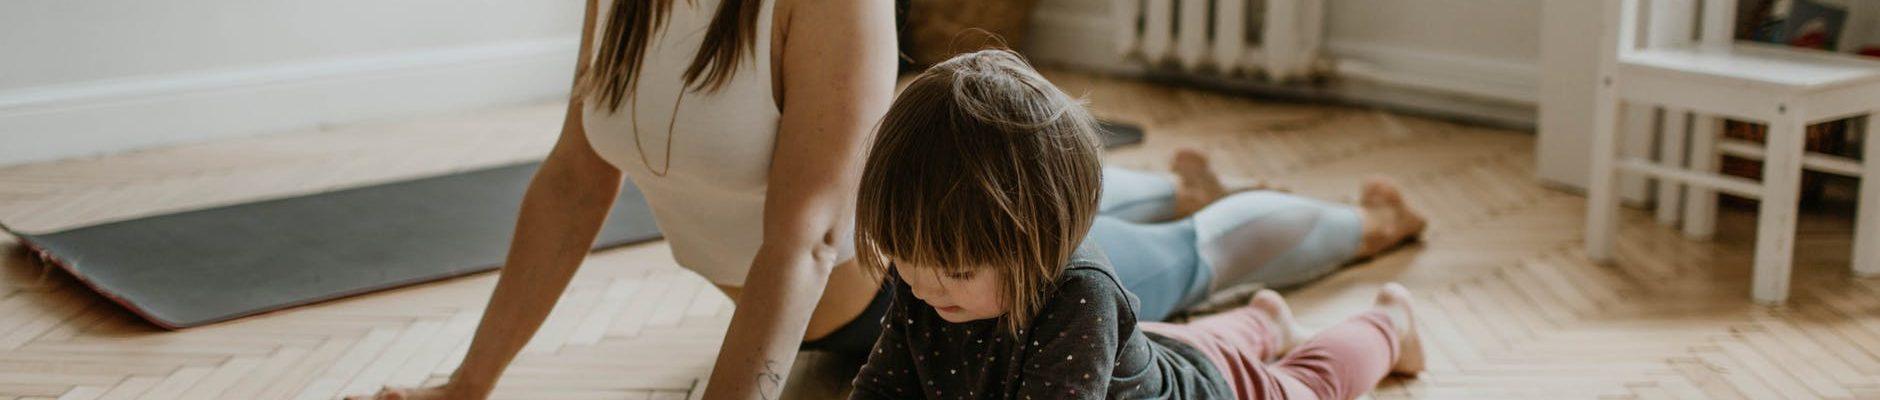 Vječno preispitivanje: Jesam li dobra mama?